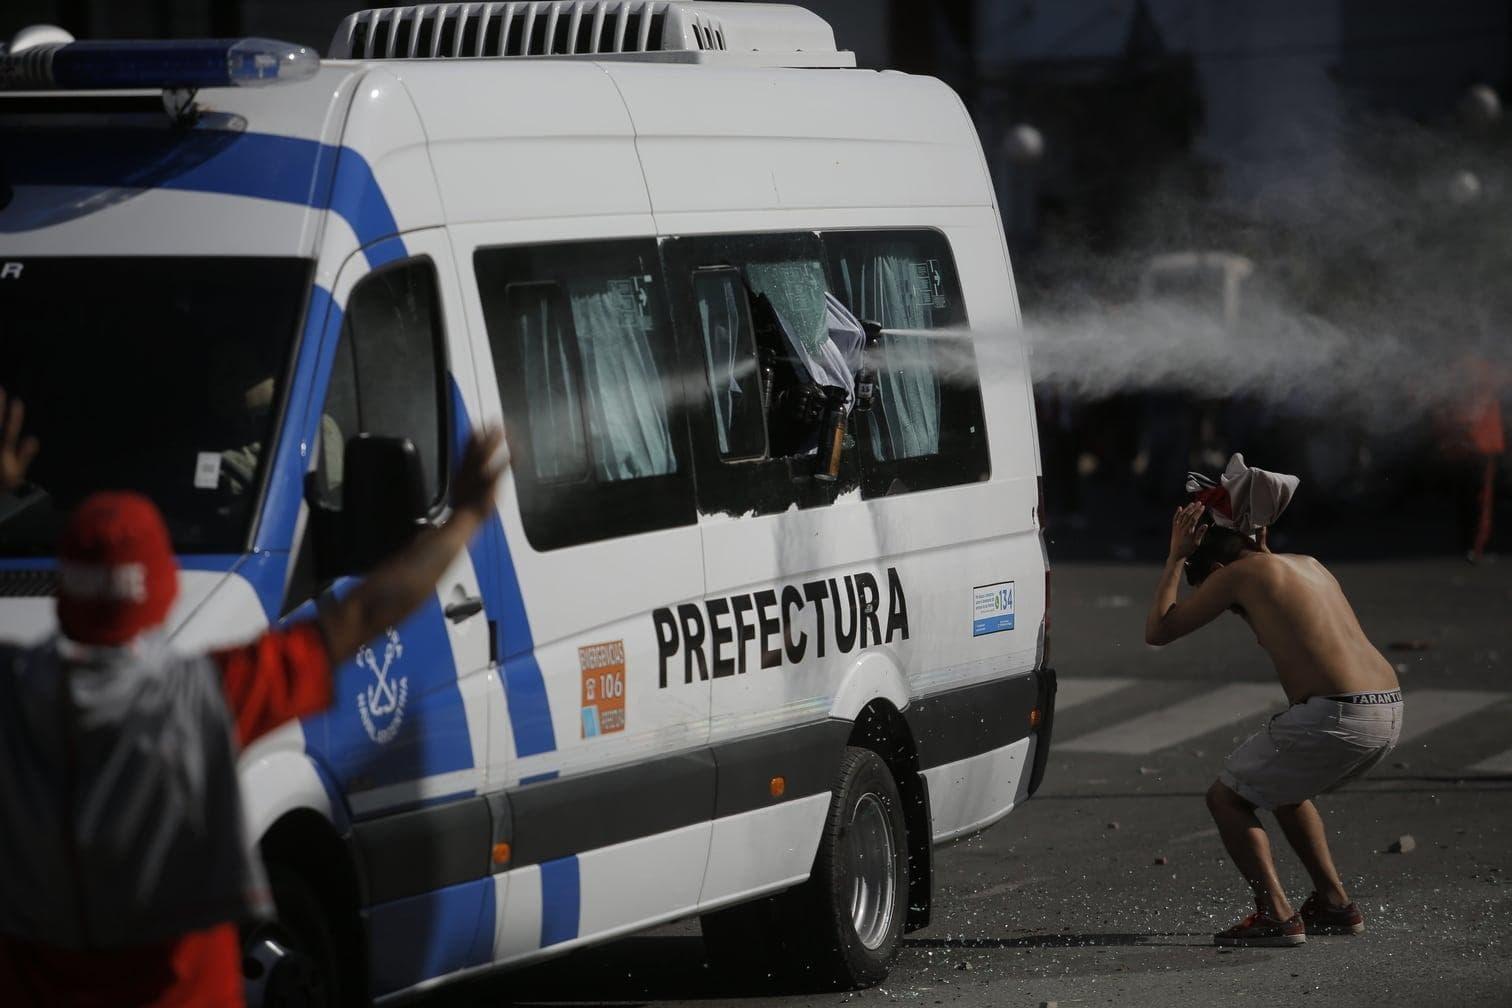 als ihr Bus am Samstag von Fans des Erzrivalen River Plate mit Steinwürfen angegriffen wurde.</p> Foto: Gustavo Garello/dpa